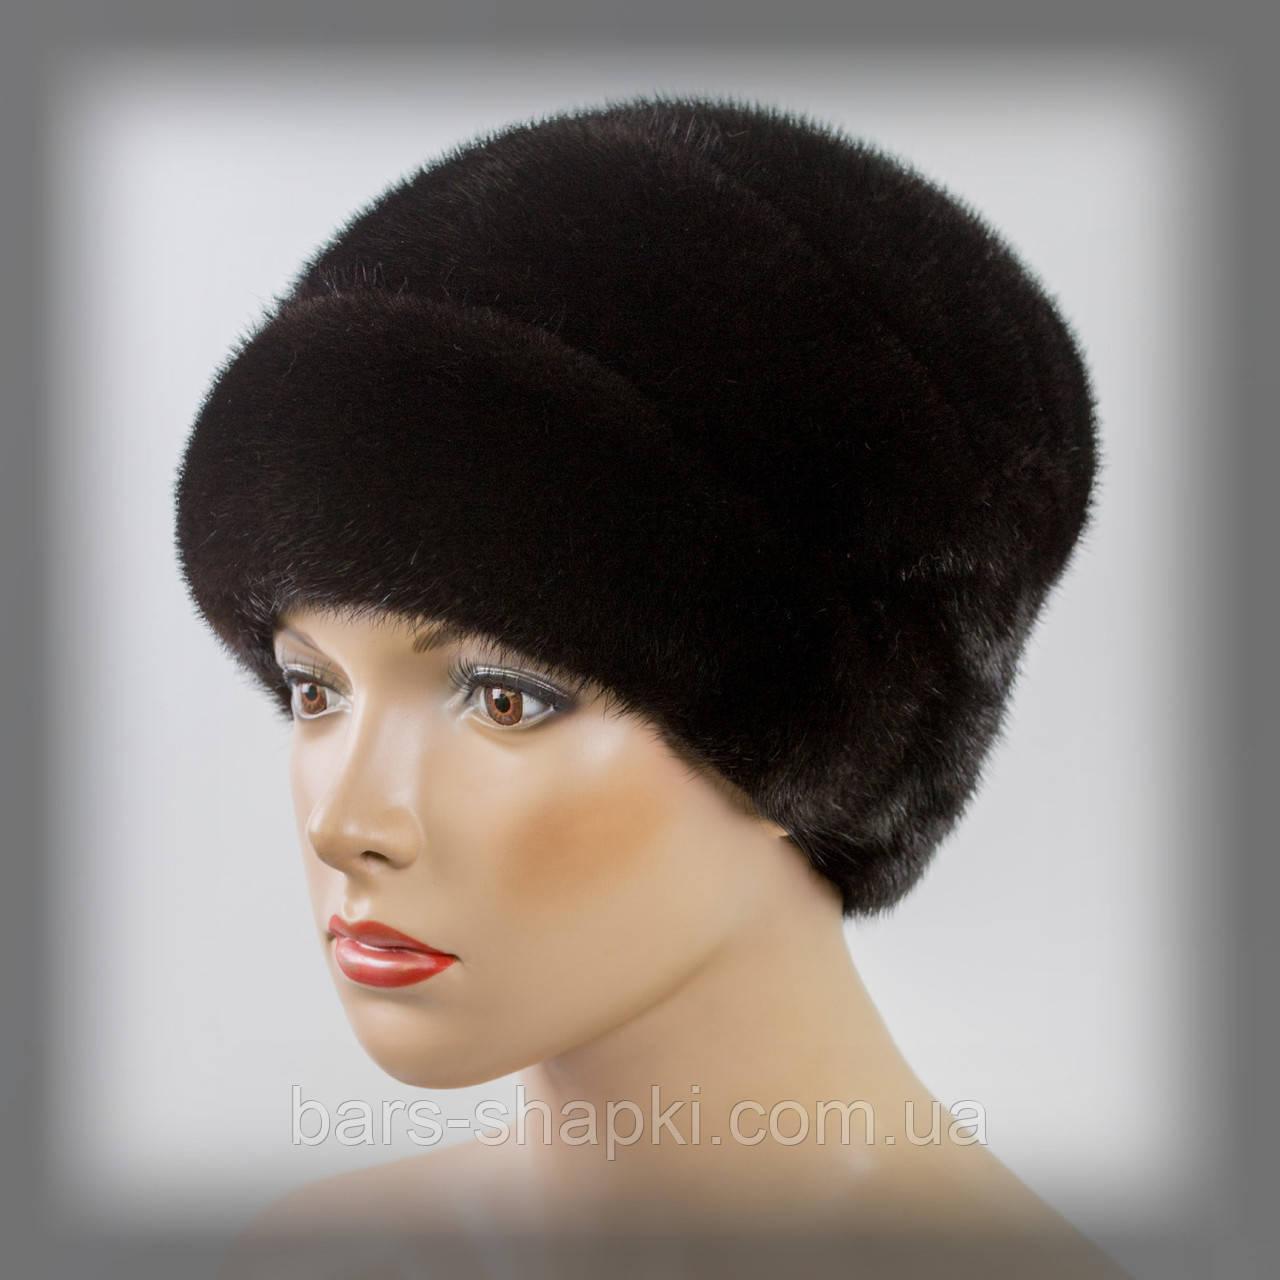 Меховая шапка из норки (тёмно-коричневая)